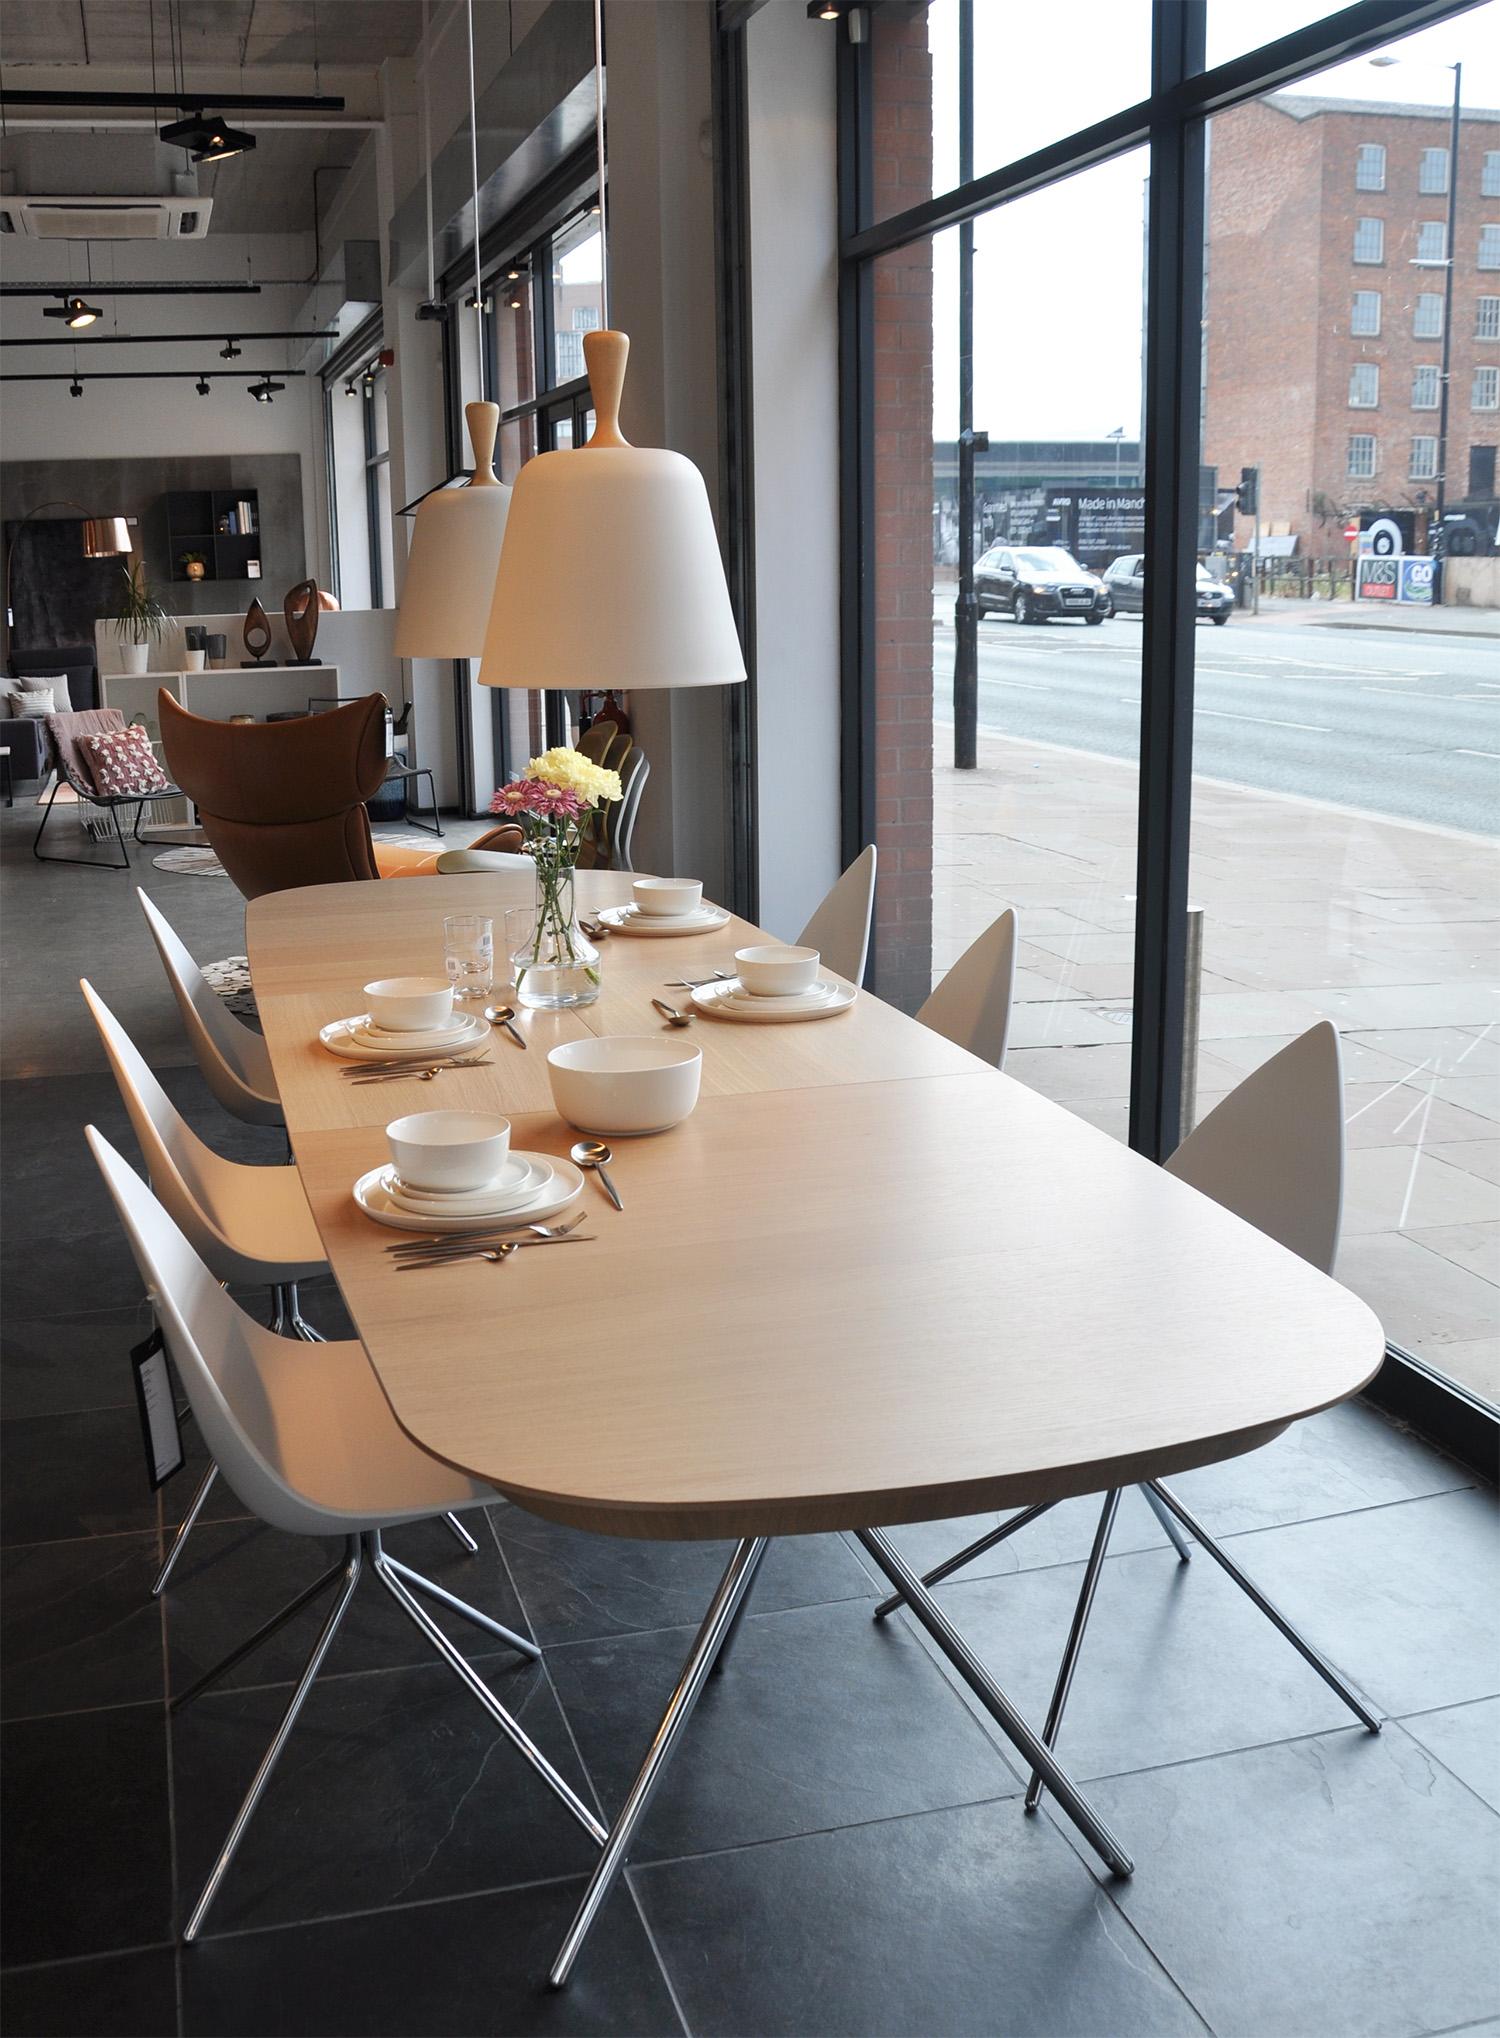 STN-Boconcept-Dining Table.jpg